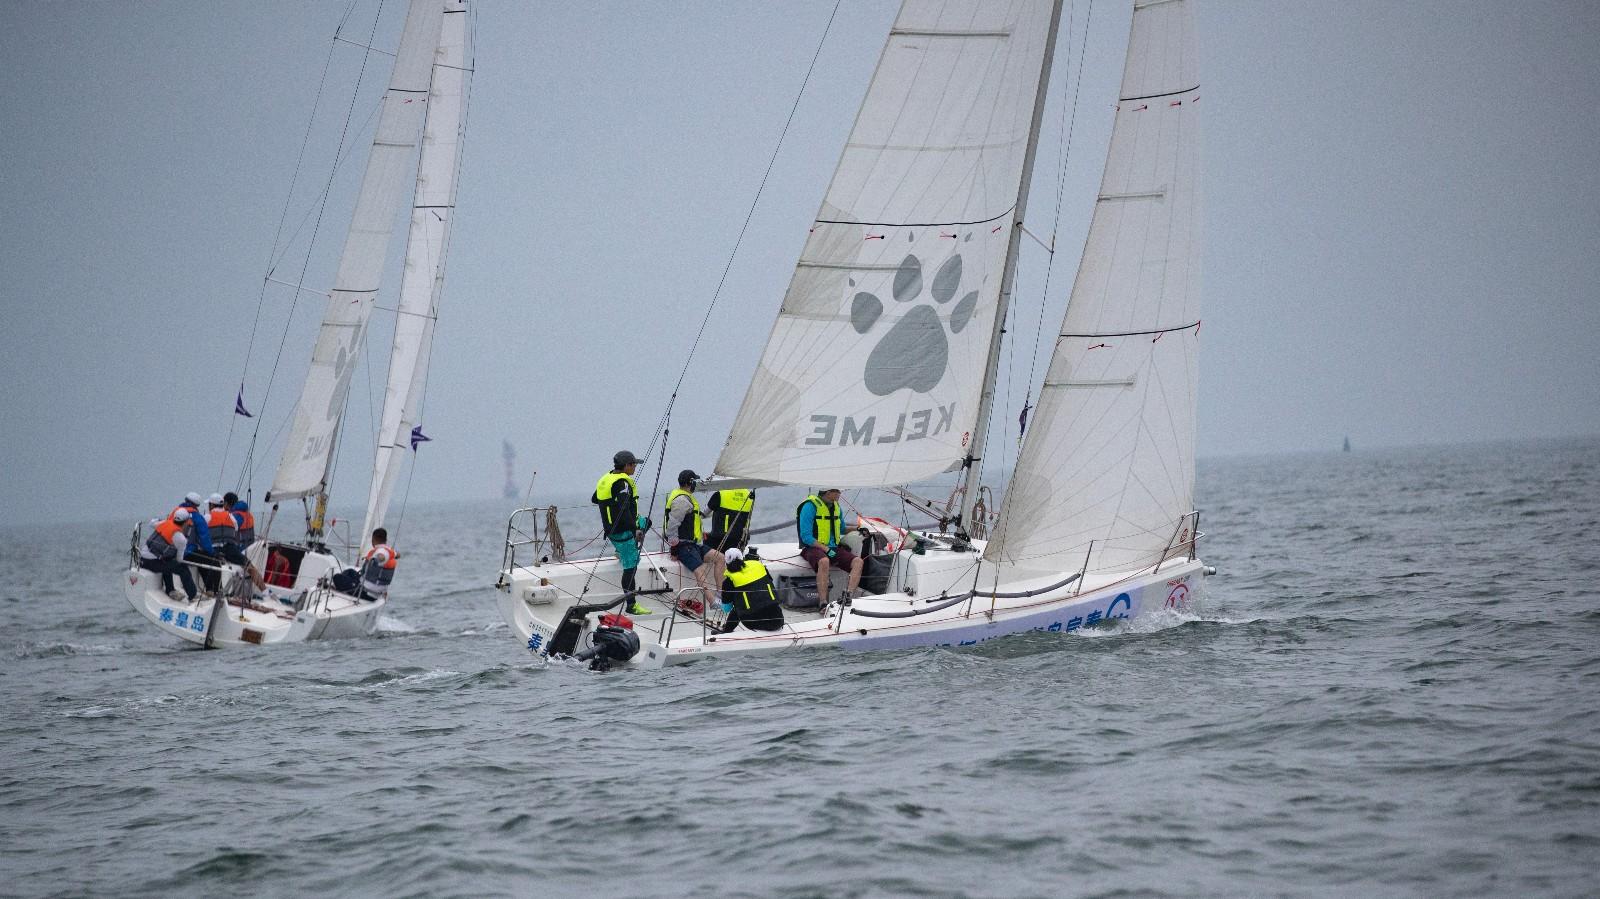 我们,帆船,毕竟,风向,都是 喉咙喊破,收获满满-秦皇岛河港杯帆船赛赛后总结  152709mr0lokkf